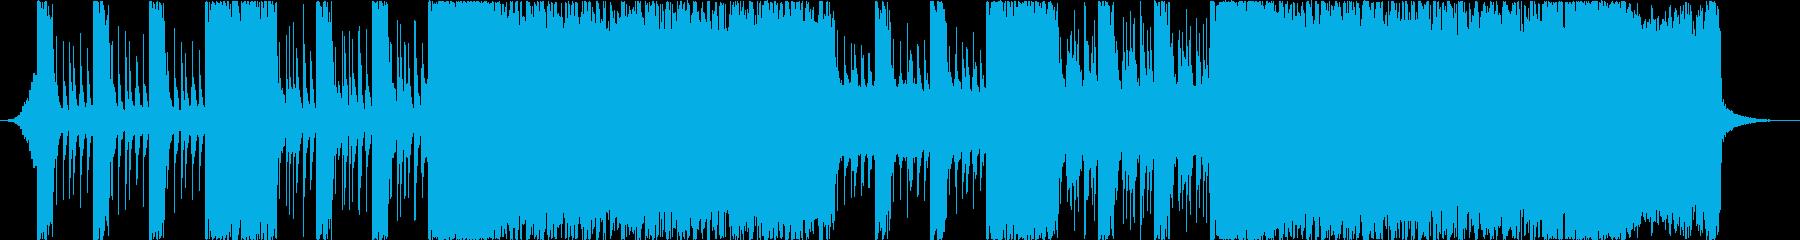 和楽器とシンセでロックなBGMの再生済みの波形